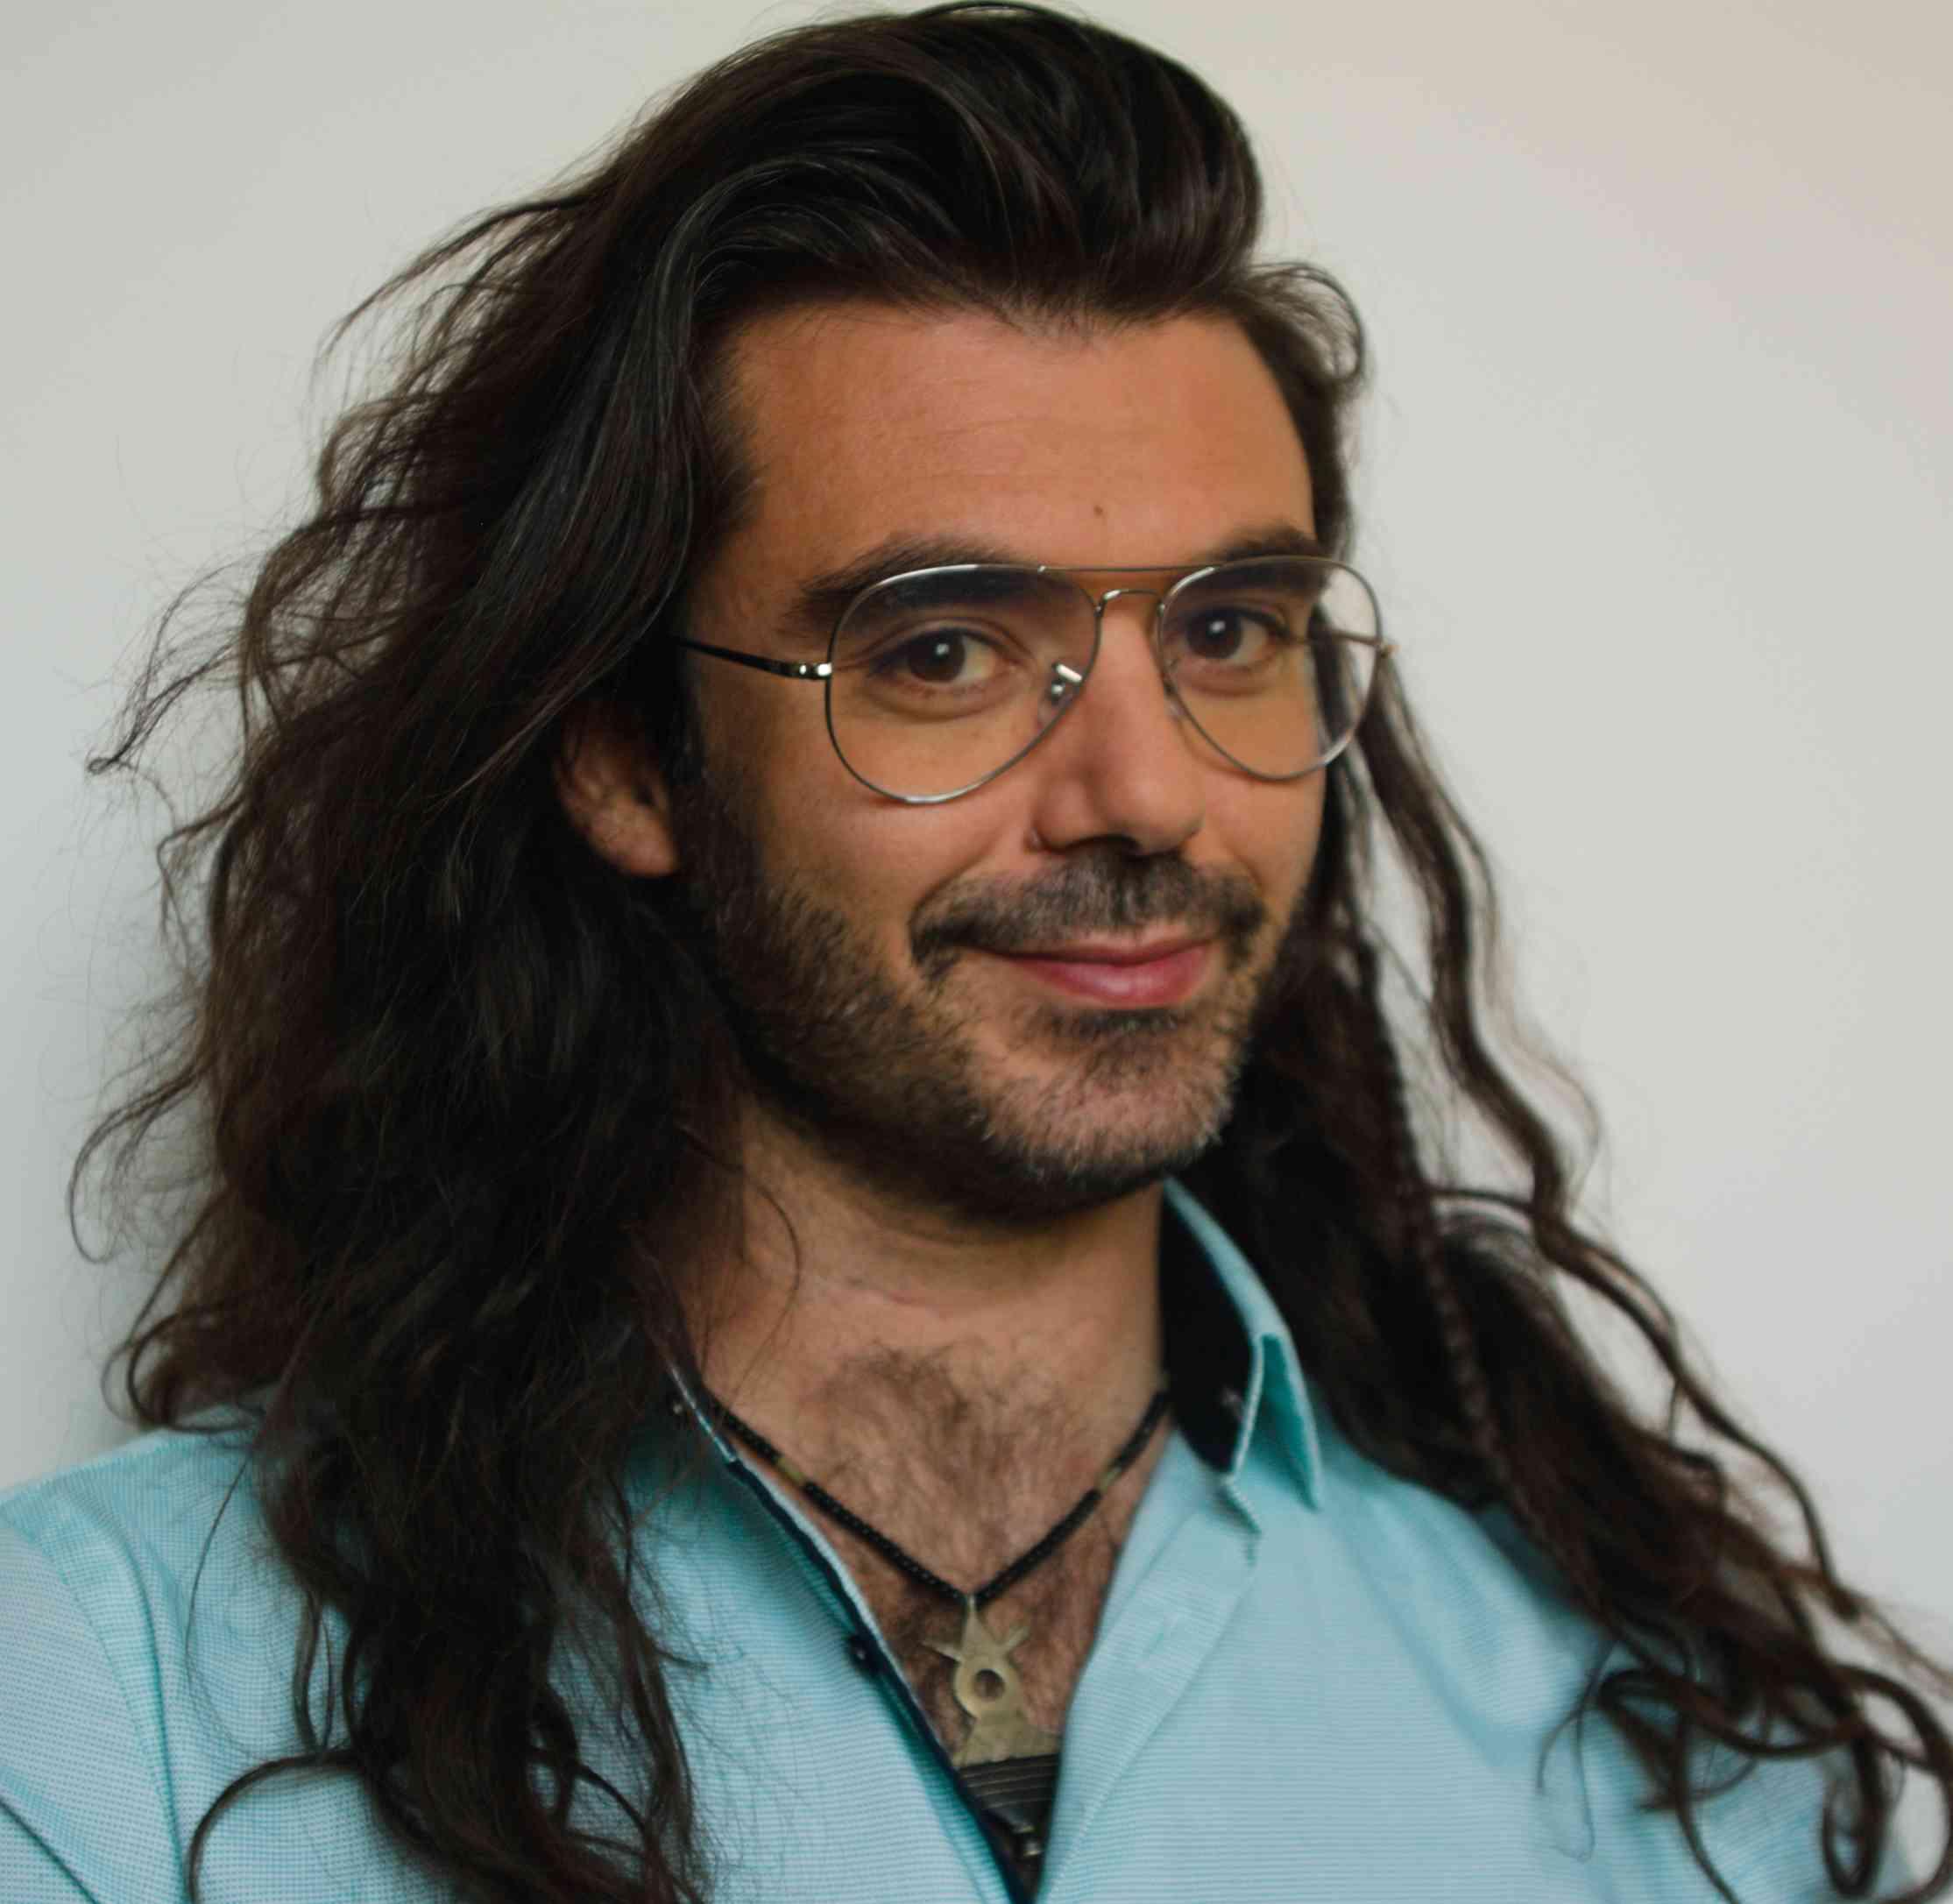 MatteoBacigalupi